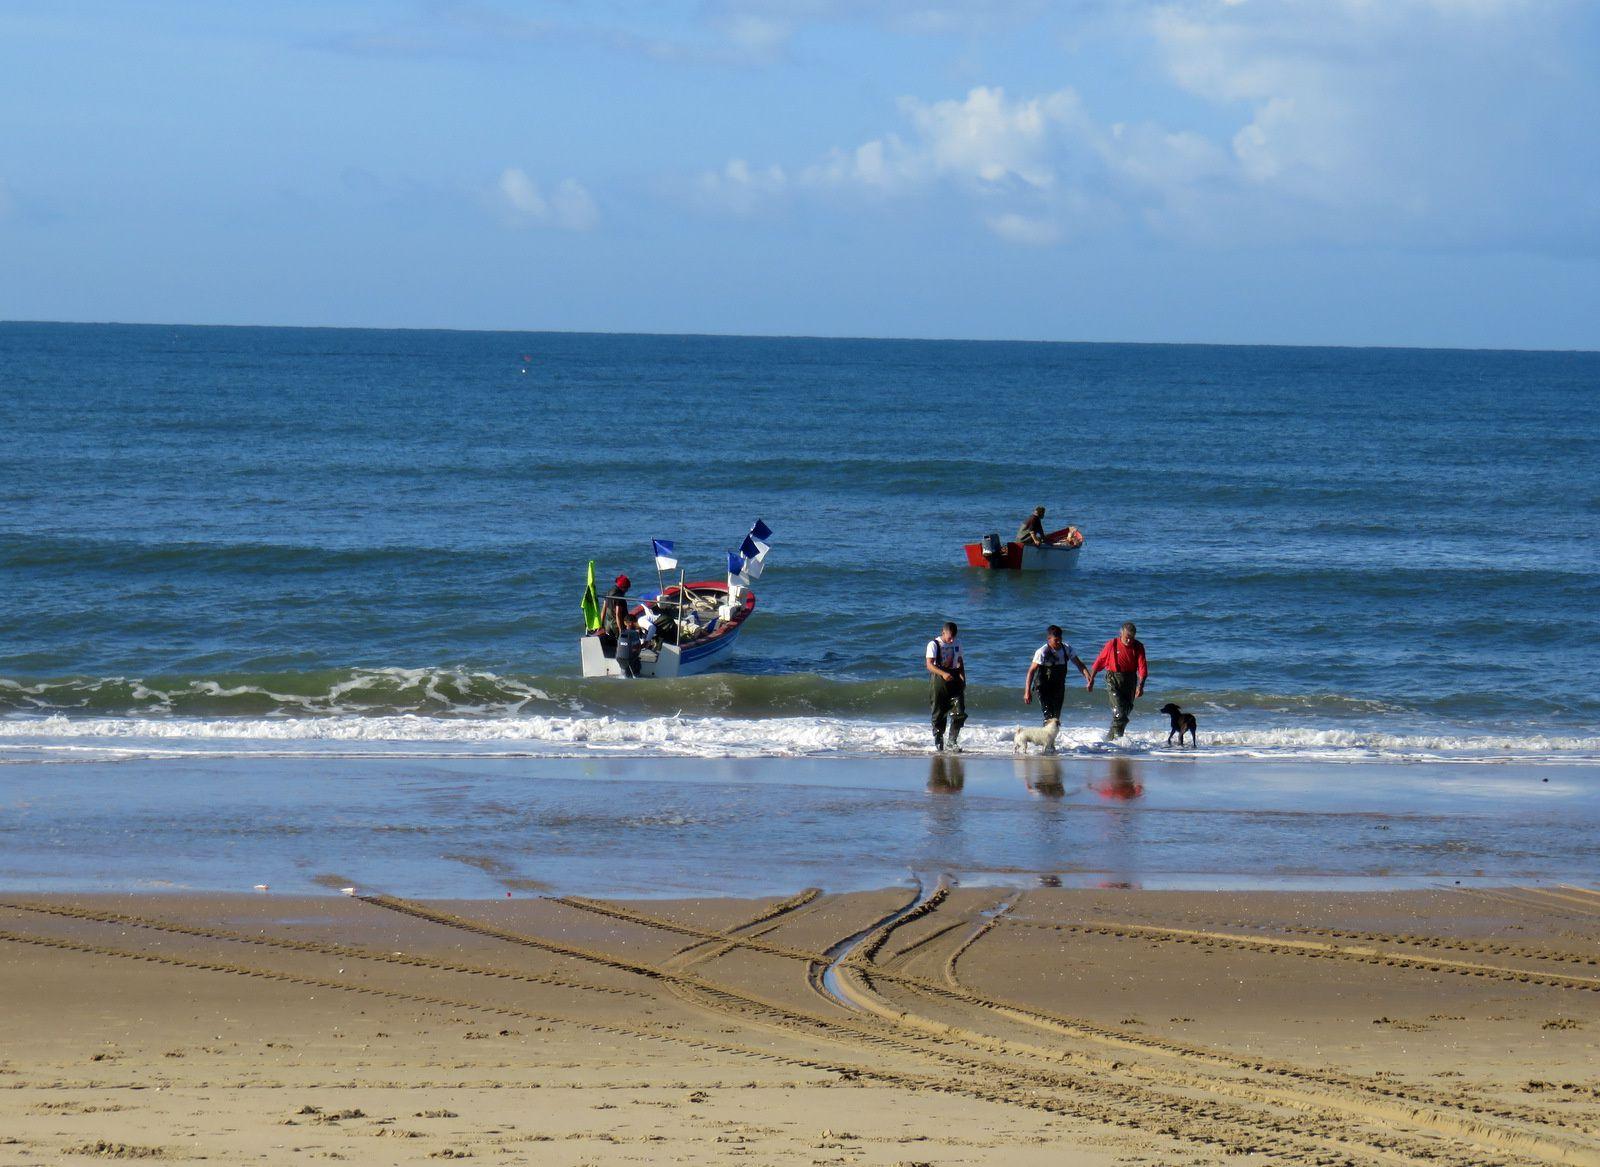 Départ de pêcheurs du port d'Islantilla, Andalousie (Espagne)